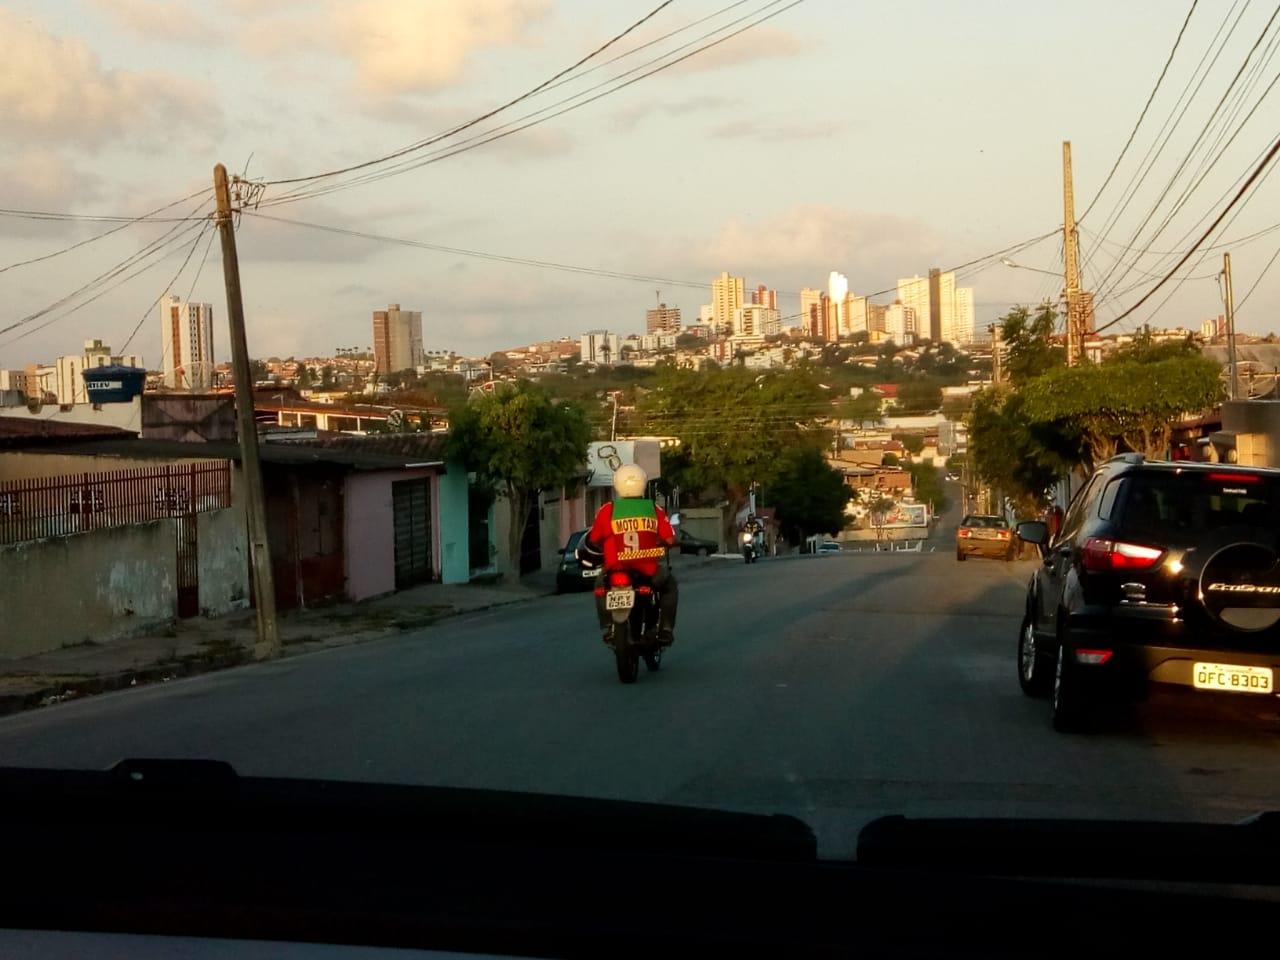 Por qualquer rua que passam, protagonizam o cenário. Foto: Wesley Farias.